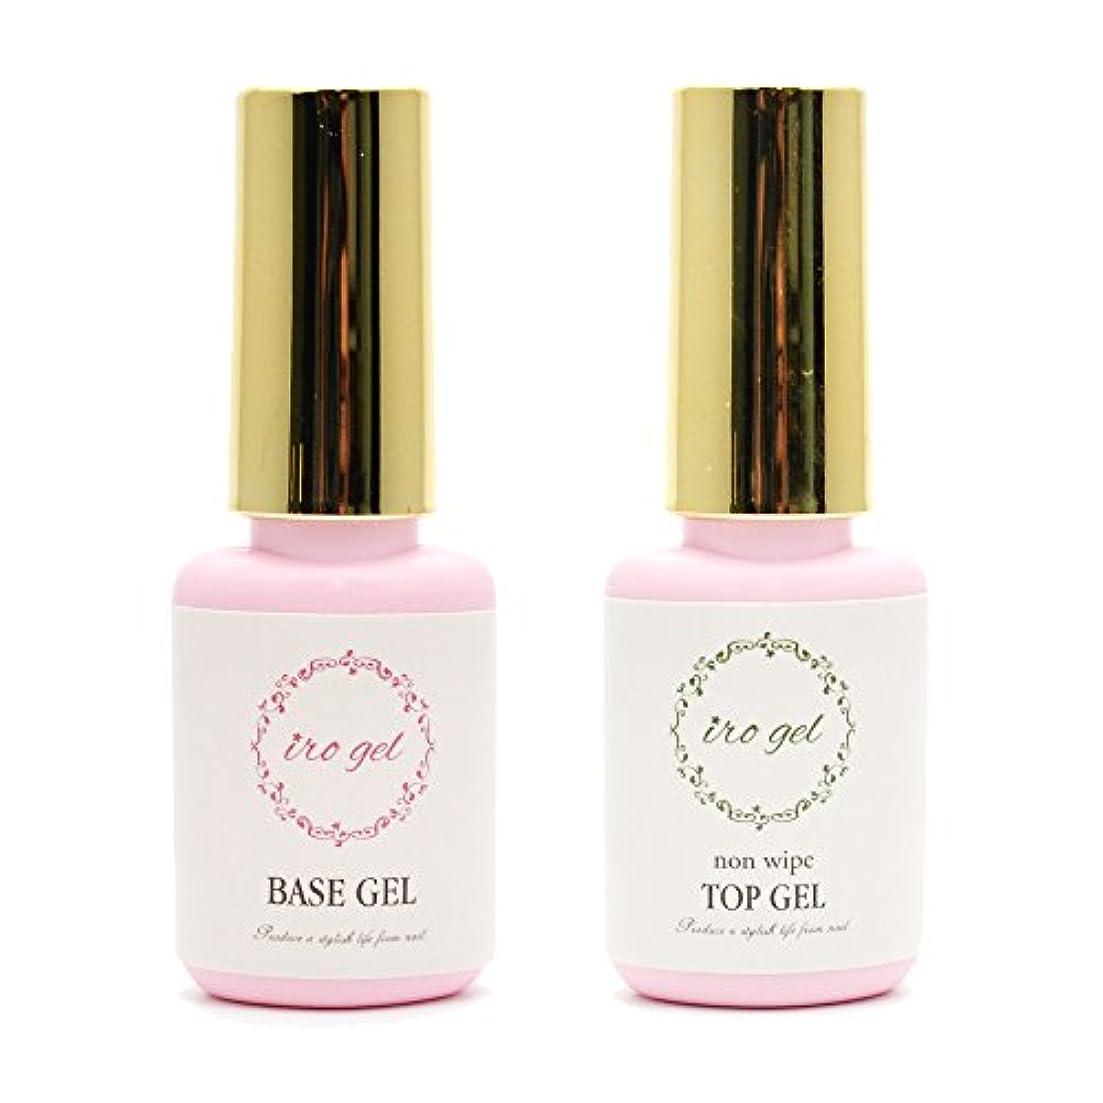 自殺見かけ上発生するiro gel (イロジェル) ジェルネイル UV LED 対応 ベースコート & トップコート セット 10ml [ 拭き取り不要 ノンワイプ ]